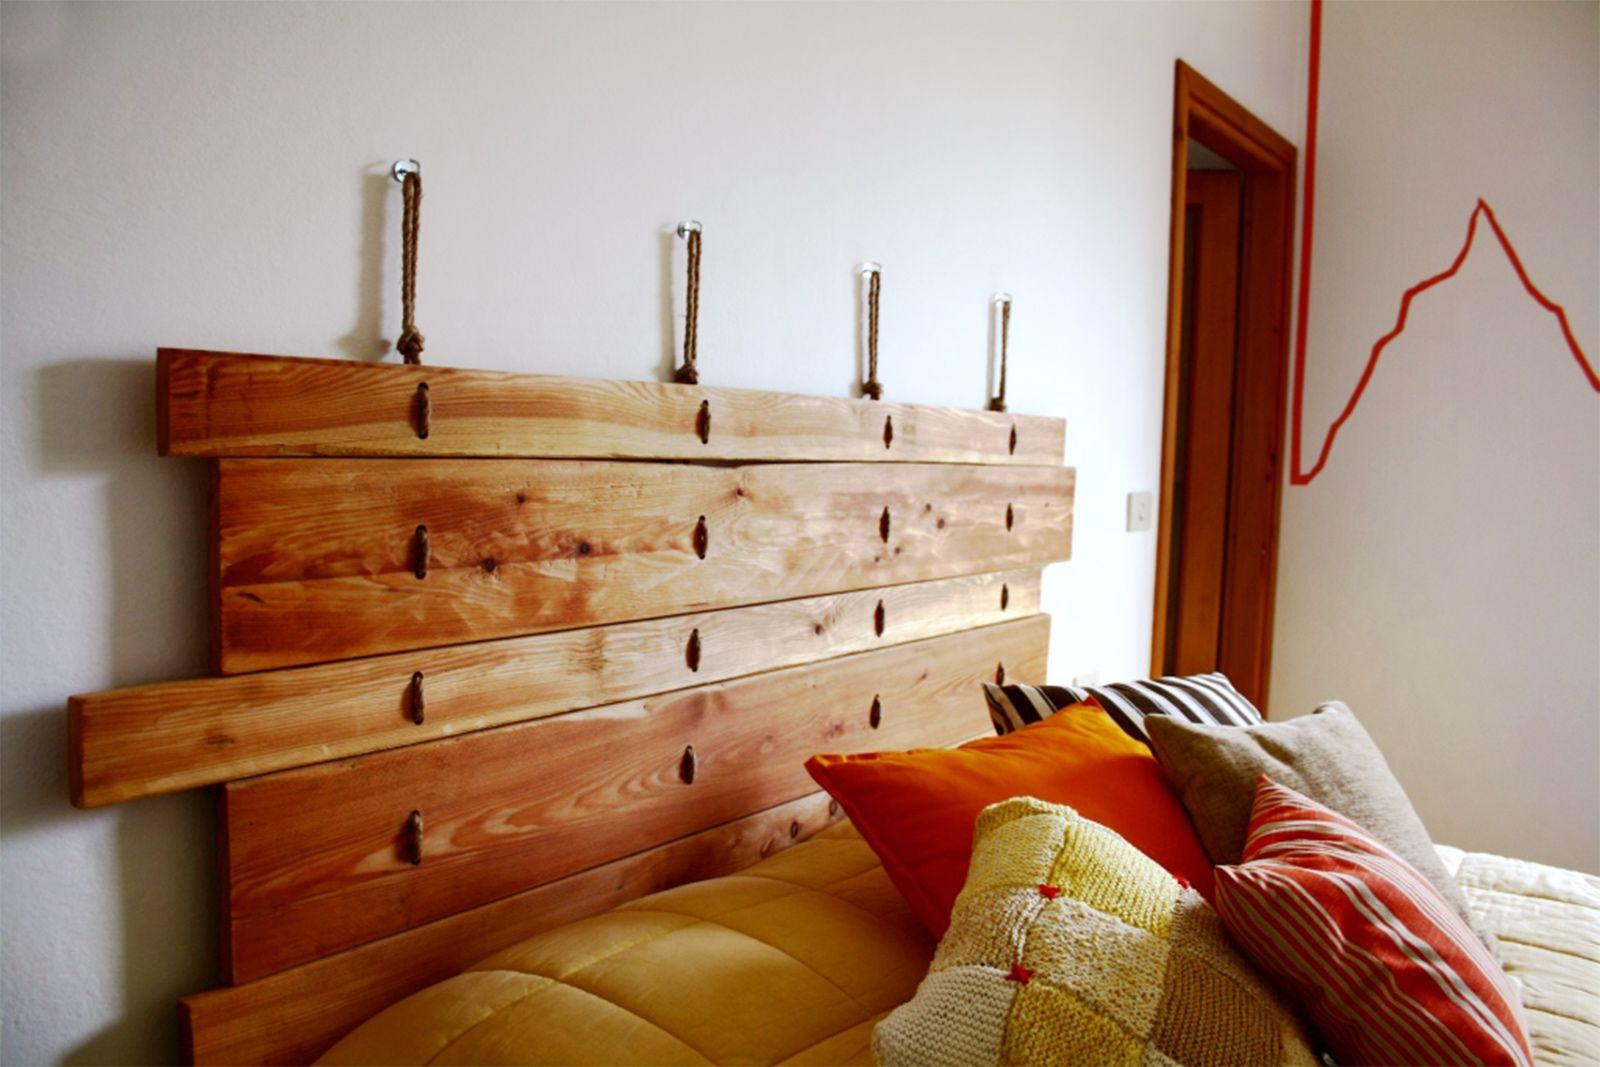 Idee creative per testiere del letto fai da te - Immagine 609116 ...